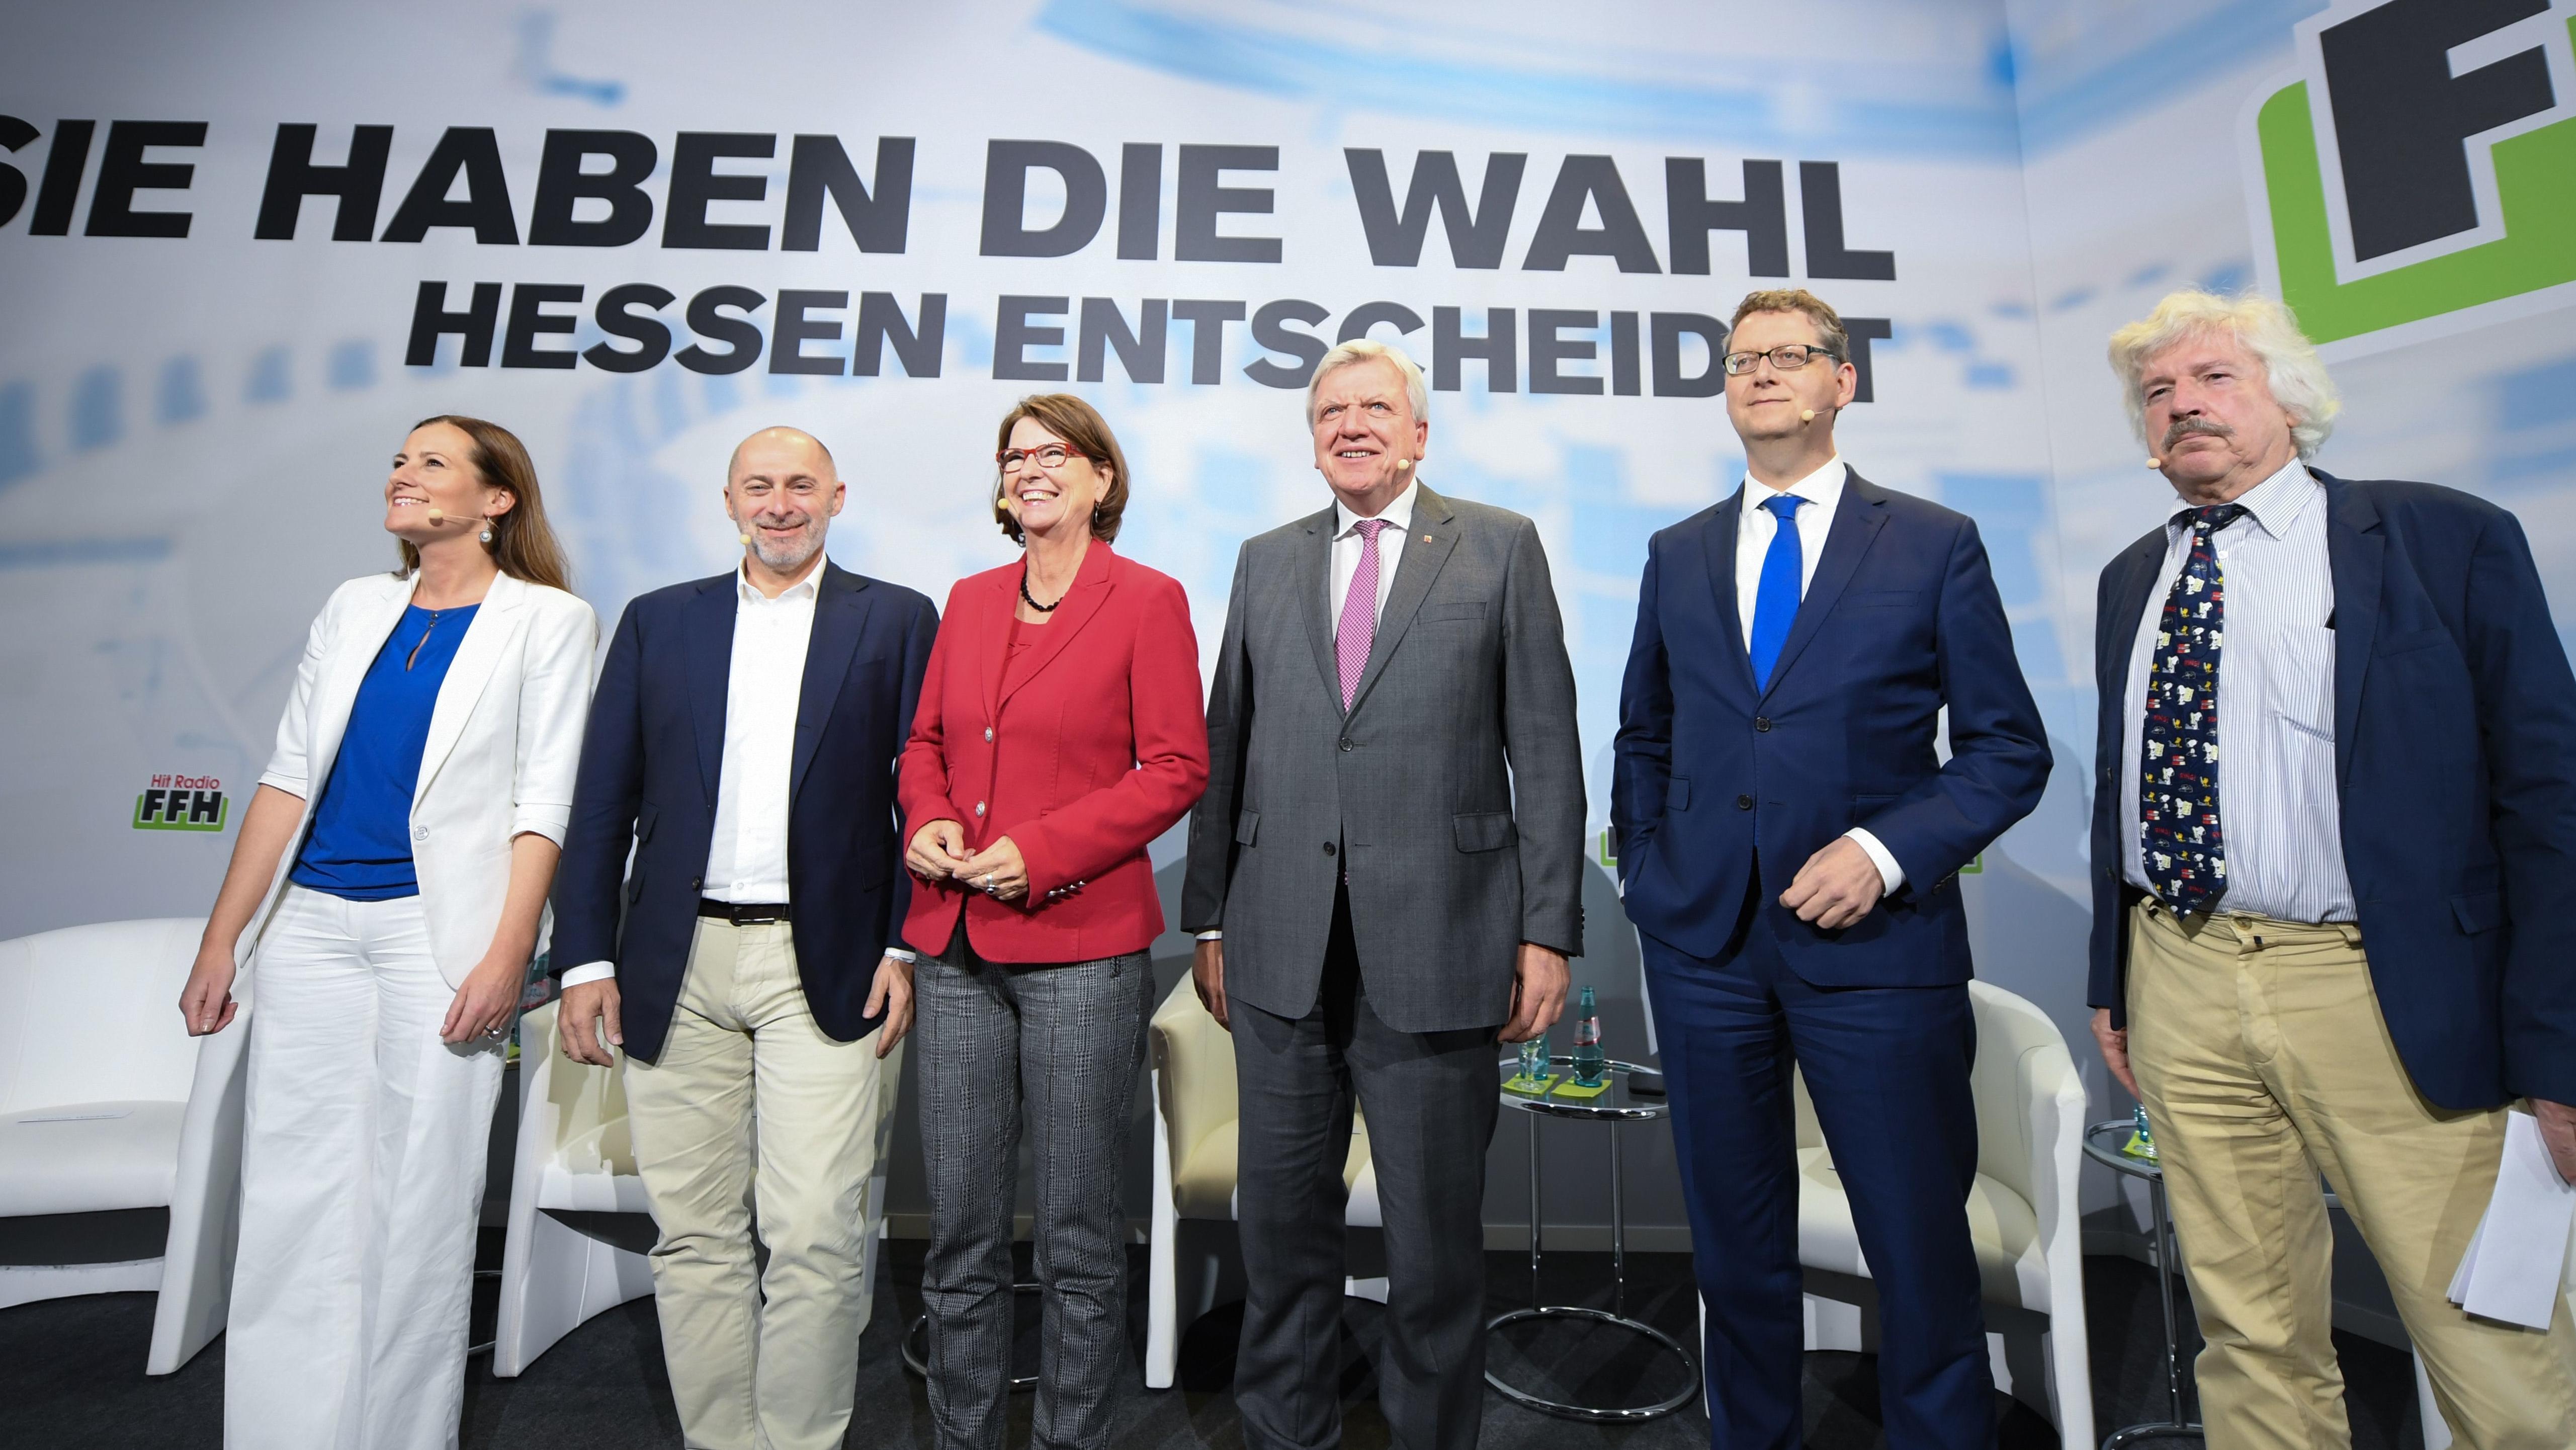 Janine Wissler (Die Linke), René Rock (FDP), Priska Hinz (Grüne), Volker Bouffier (CDU), Thorsten Schäfer-Gümbel (SPD), Rainer Rahn (AfD)